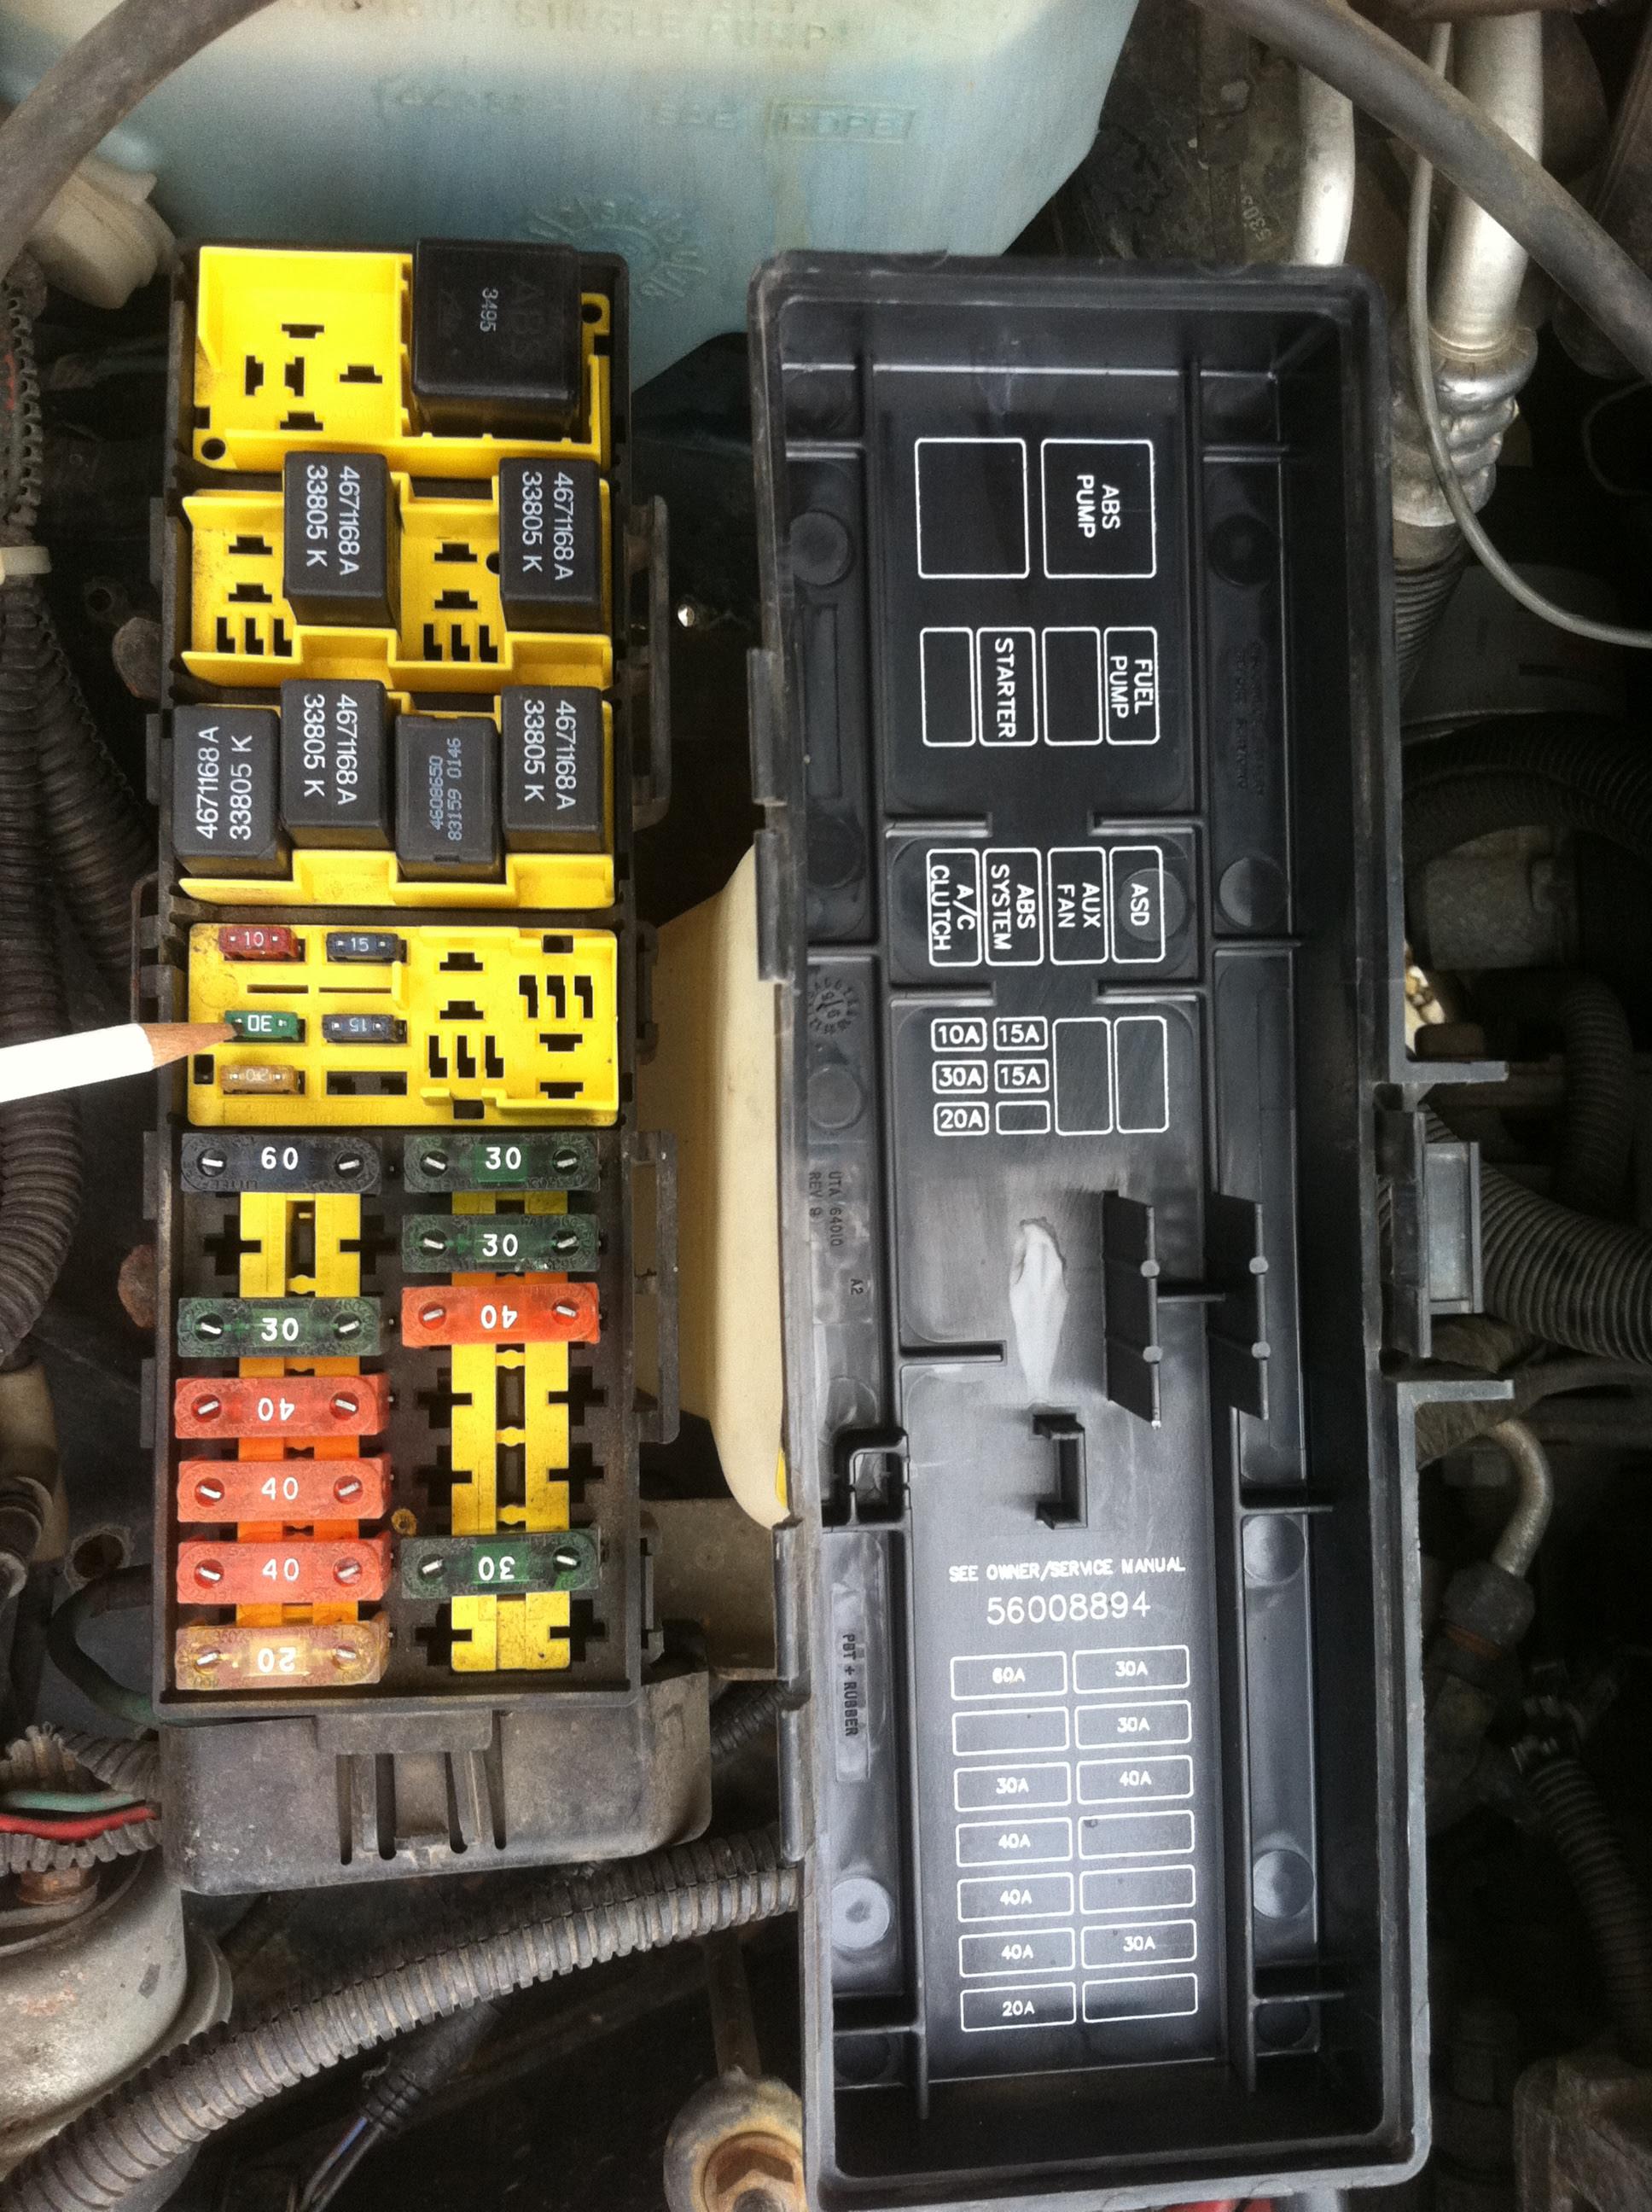 1996 Jeep Cherokee Fuse Box Location Wiring Diagram Visual Visual Cfcarsnoleggio It